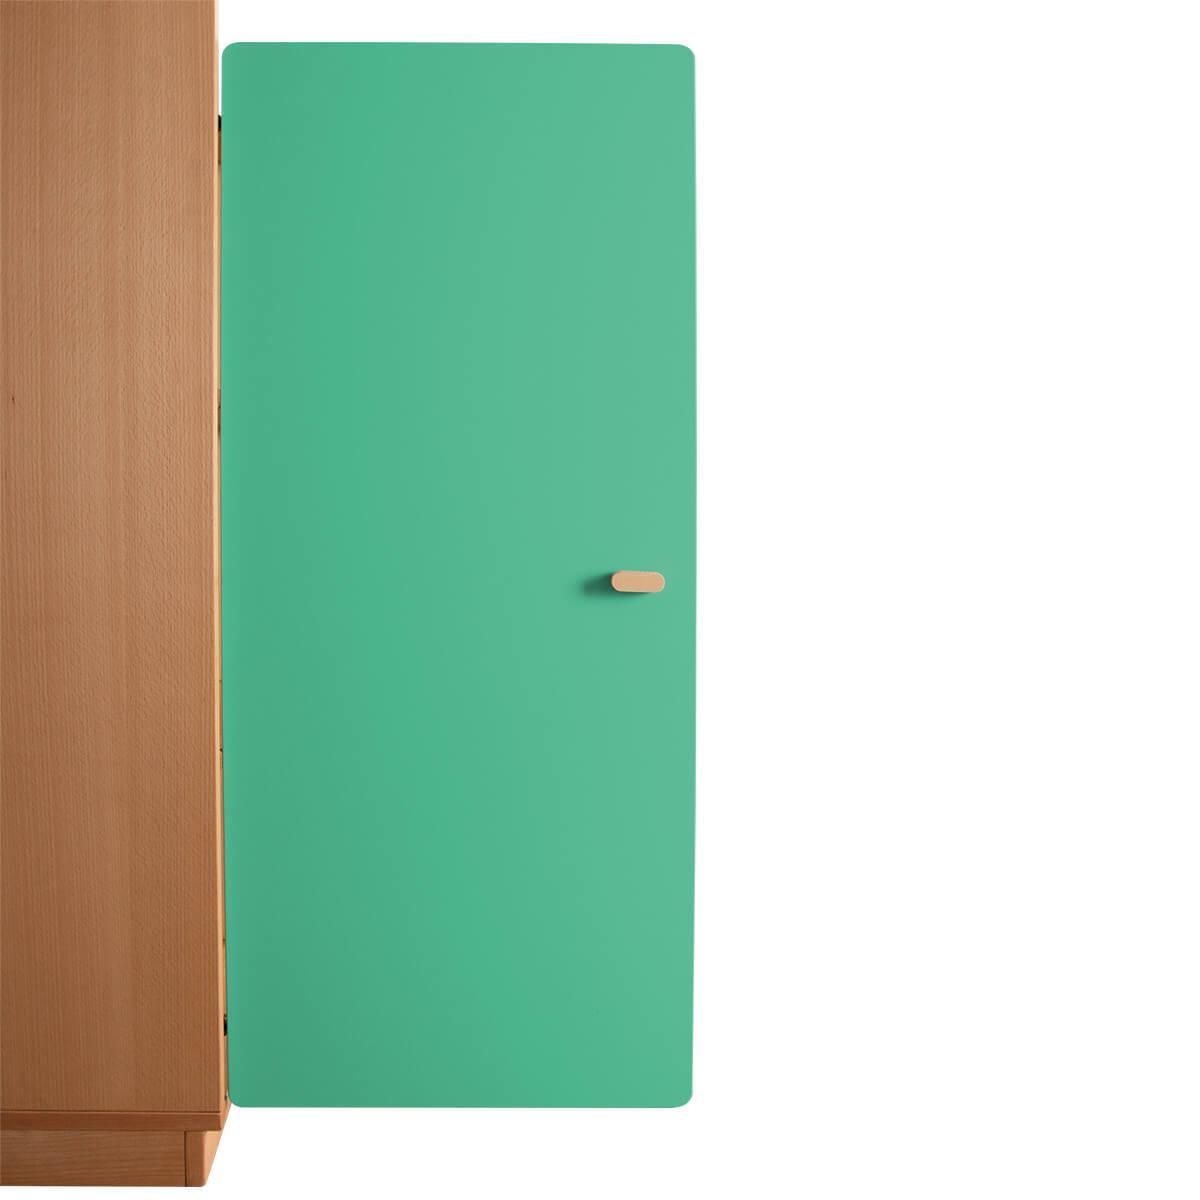 Schranktür 3/5 106cm-Griff DESTYLE Debreuyn  MDF grün-lackiert